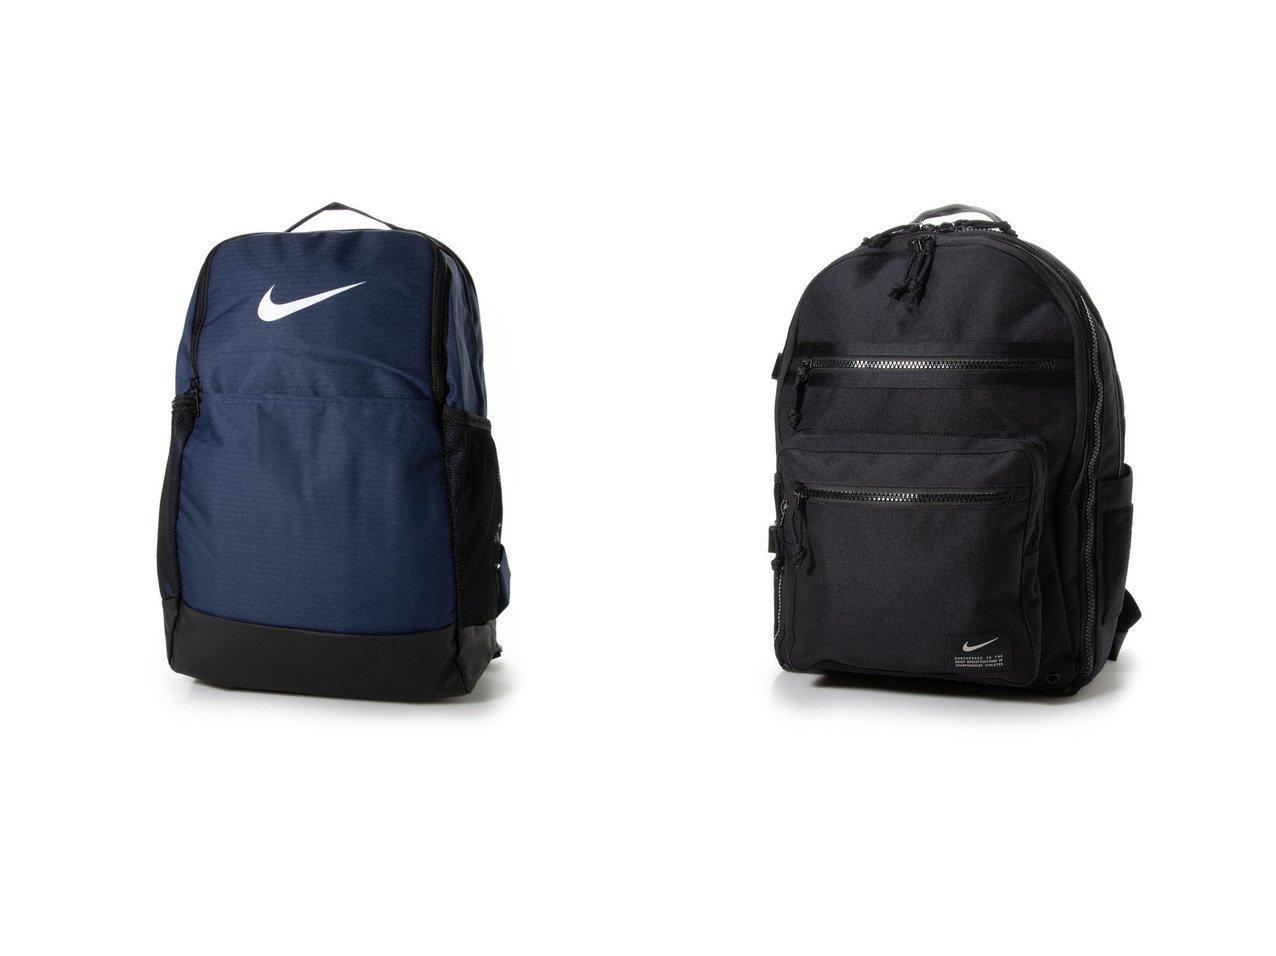 【NIKE/ナイキ】のデイパック ナイキ ブラジリア バックパック M BA5954410&デイパック ナイキ ユーティリティ パワー バックパック CK2663010 バッグ・鞄のおすすめ!人気、トレンド・レディースファッションの通販 おすすめで人気の流行・トレンド、ファッションの通販商品 メンズファッション・キッズファッション・インテリア・家具・レディースファッション・服の通販 founy(ファニー) https://founy.com/ ファッション Fashion レディースファッション WOMEN バッグ Bag 2021年 2021 2021 春夏 S/S SS Spring/Summer 2021 S/S 春夏 SS Spring/Summer デイパック 春 Spring 財布 |ID:crp329100000014995